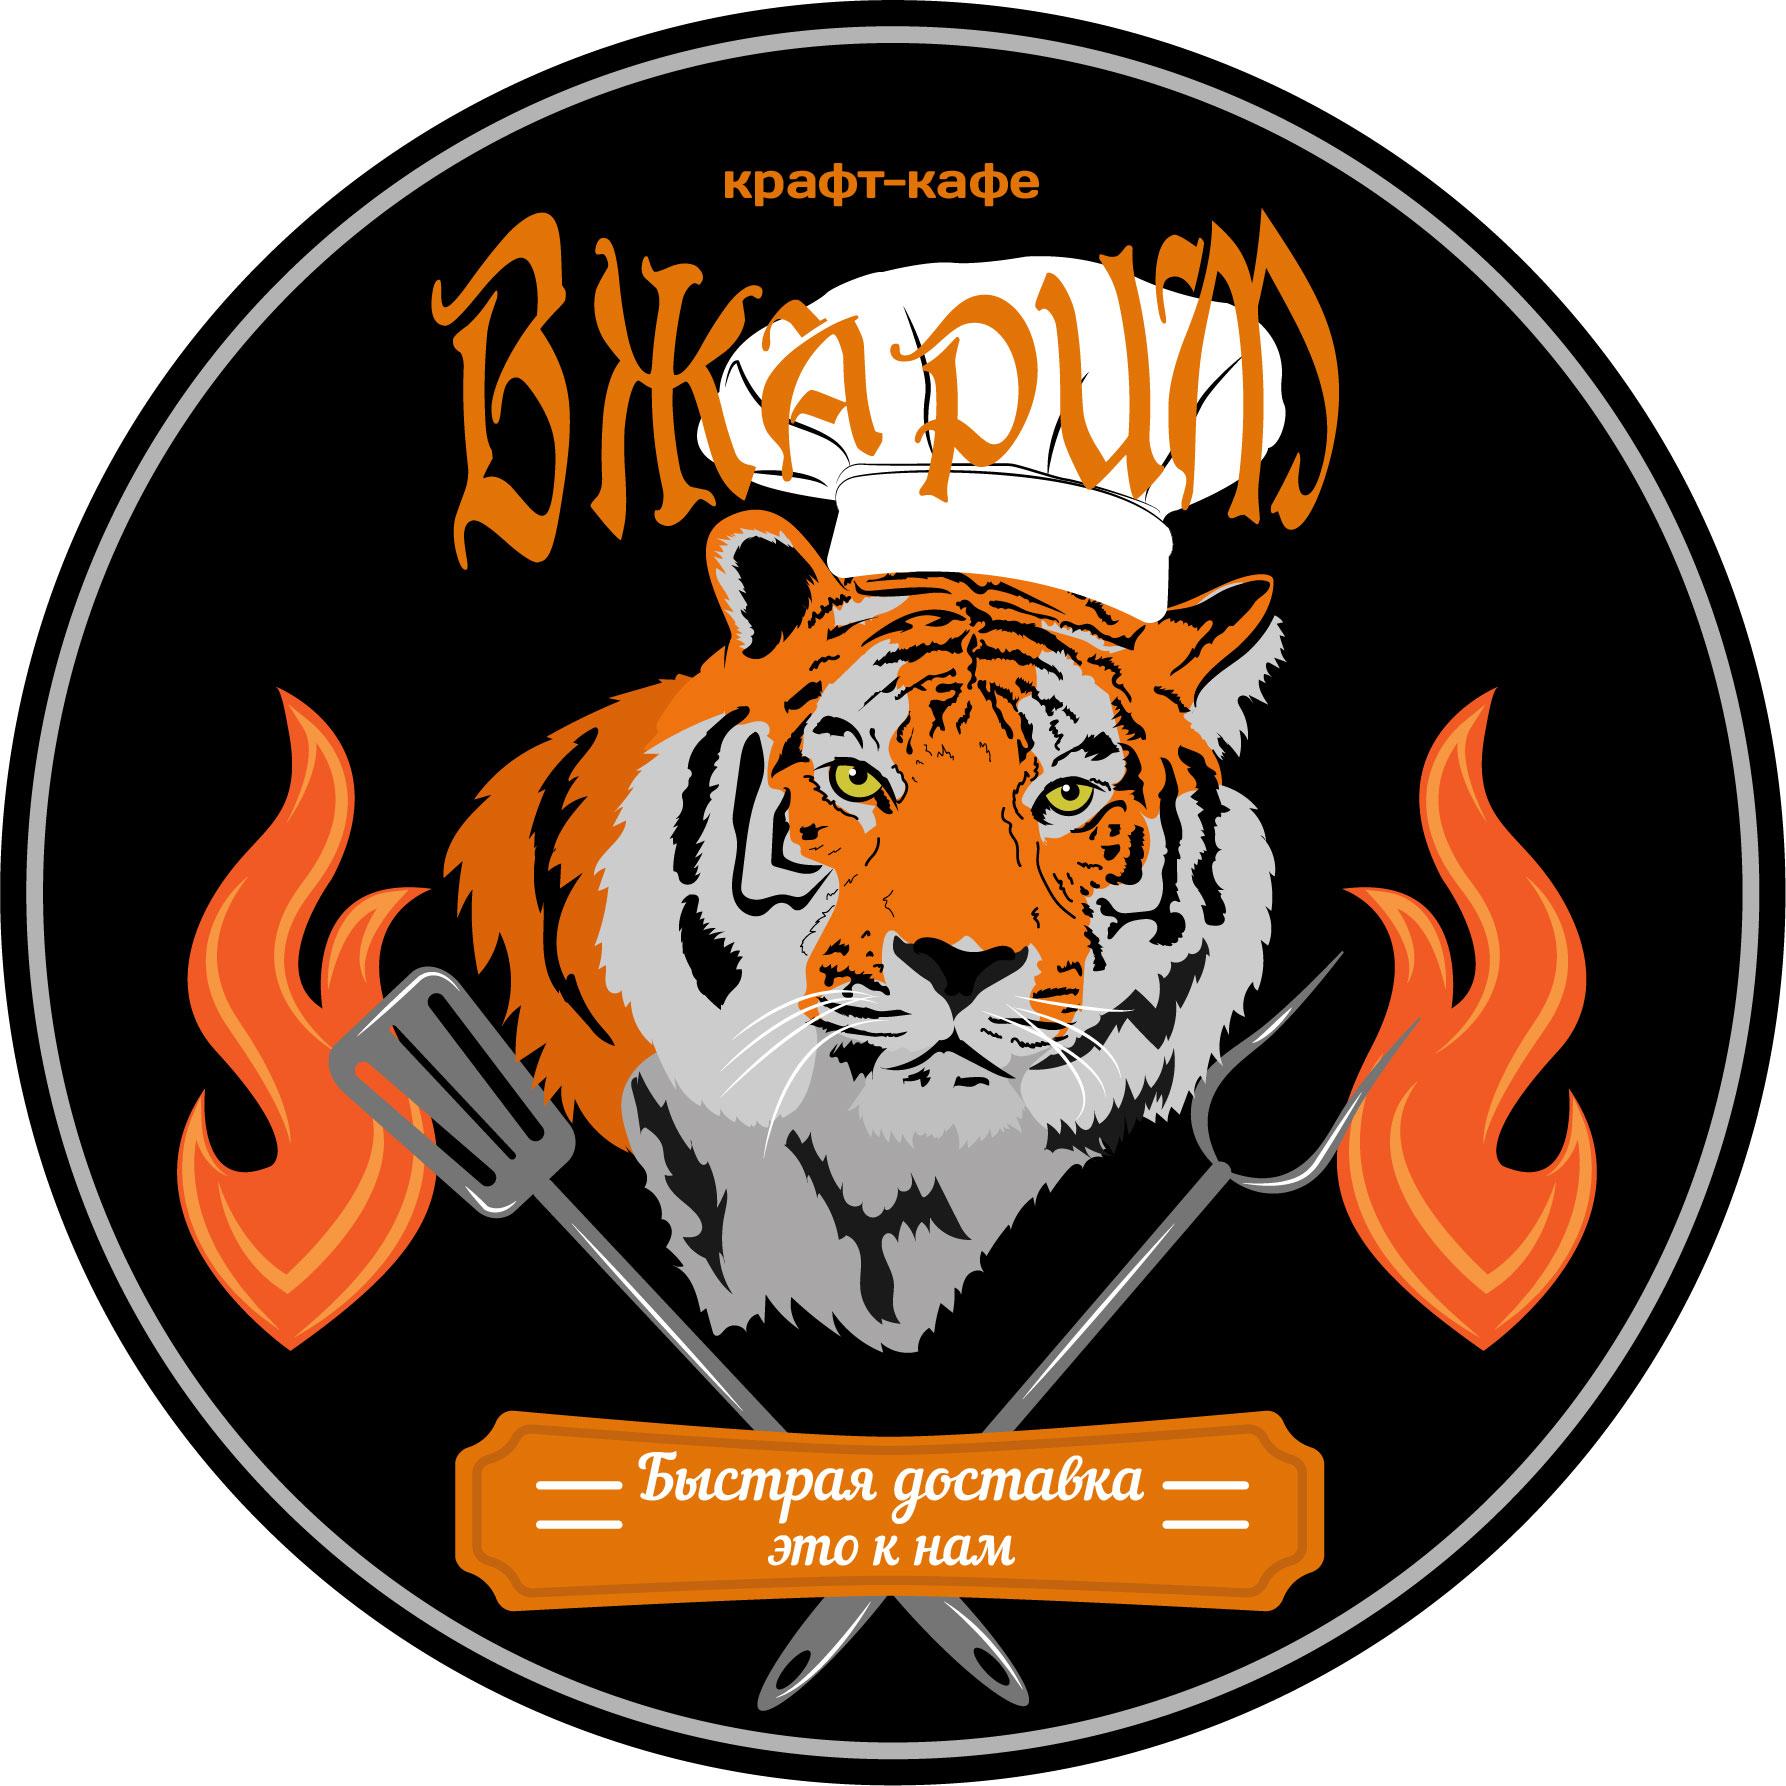 Требуется, разработка логотипа для крафт-кафе «ВЖАРИМ». фото f_80660145d6d1f834.jpg